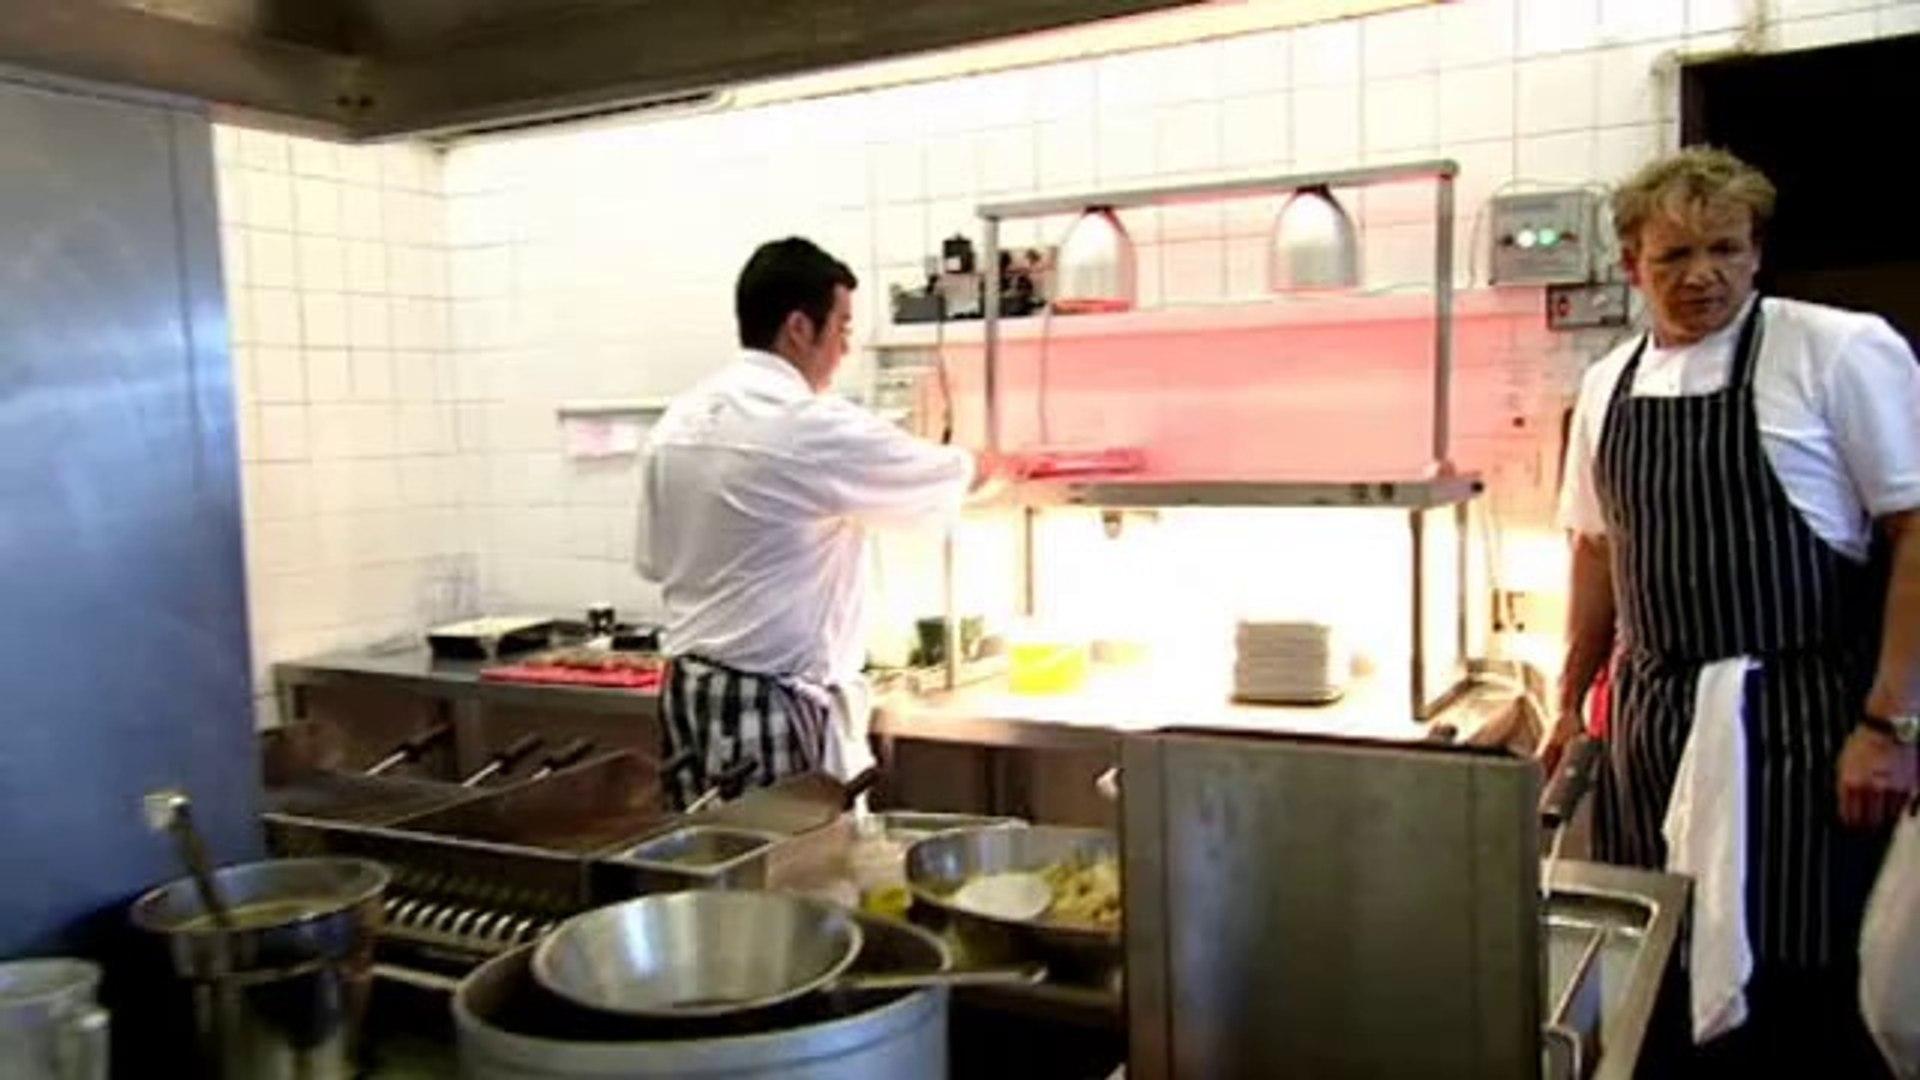 Kitchen Nightmares Season 4 Episode 3 The Priory